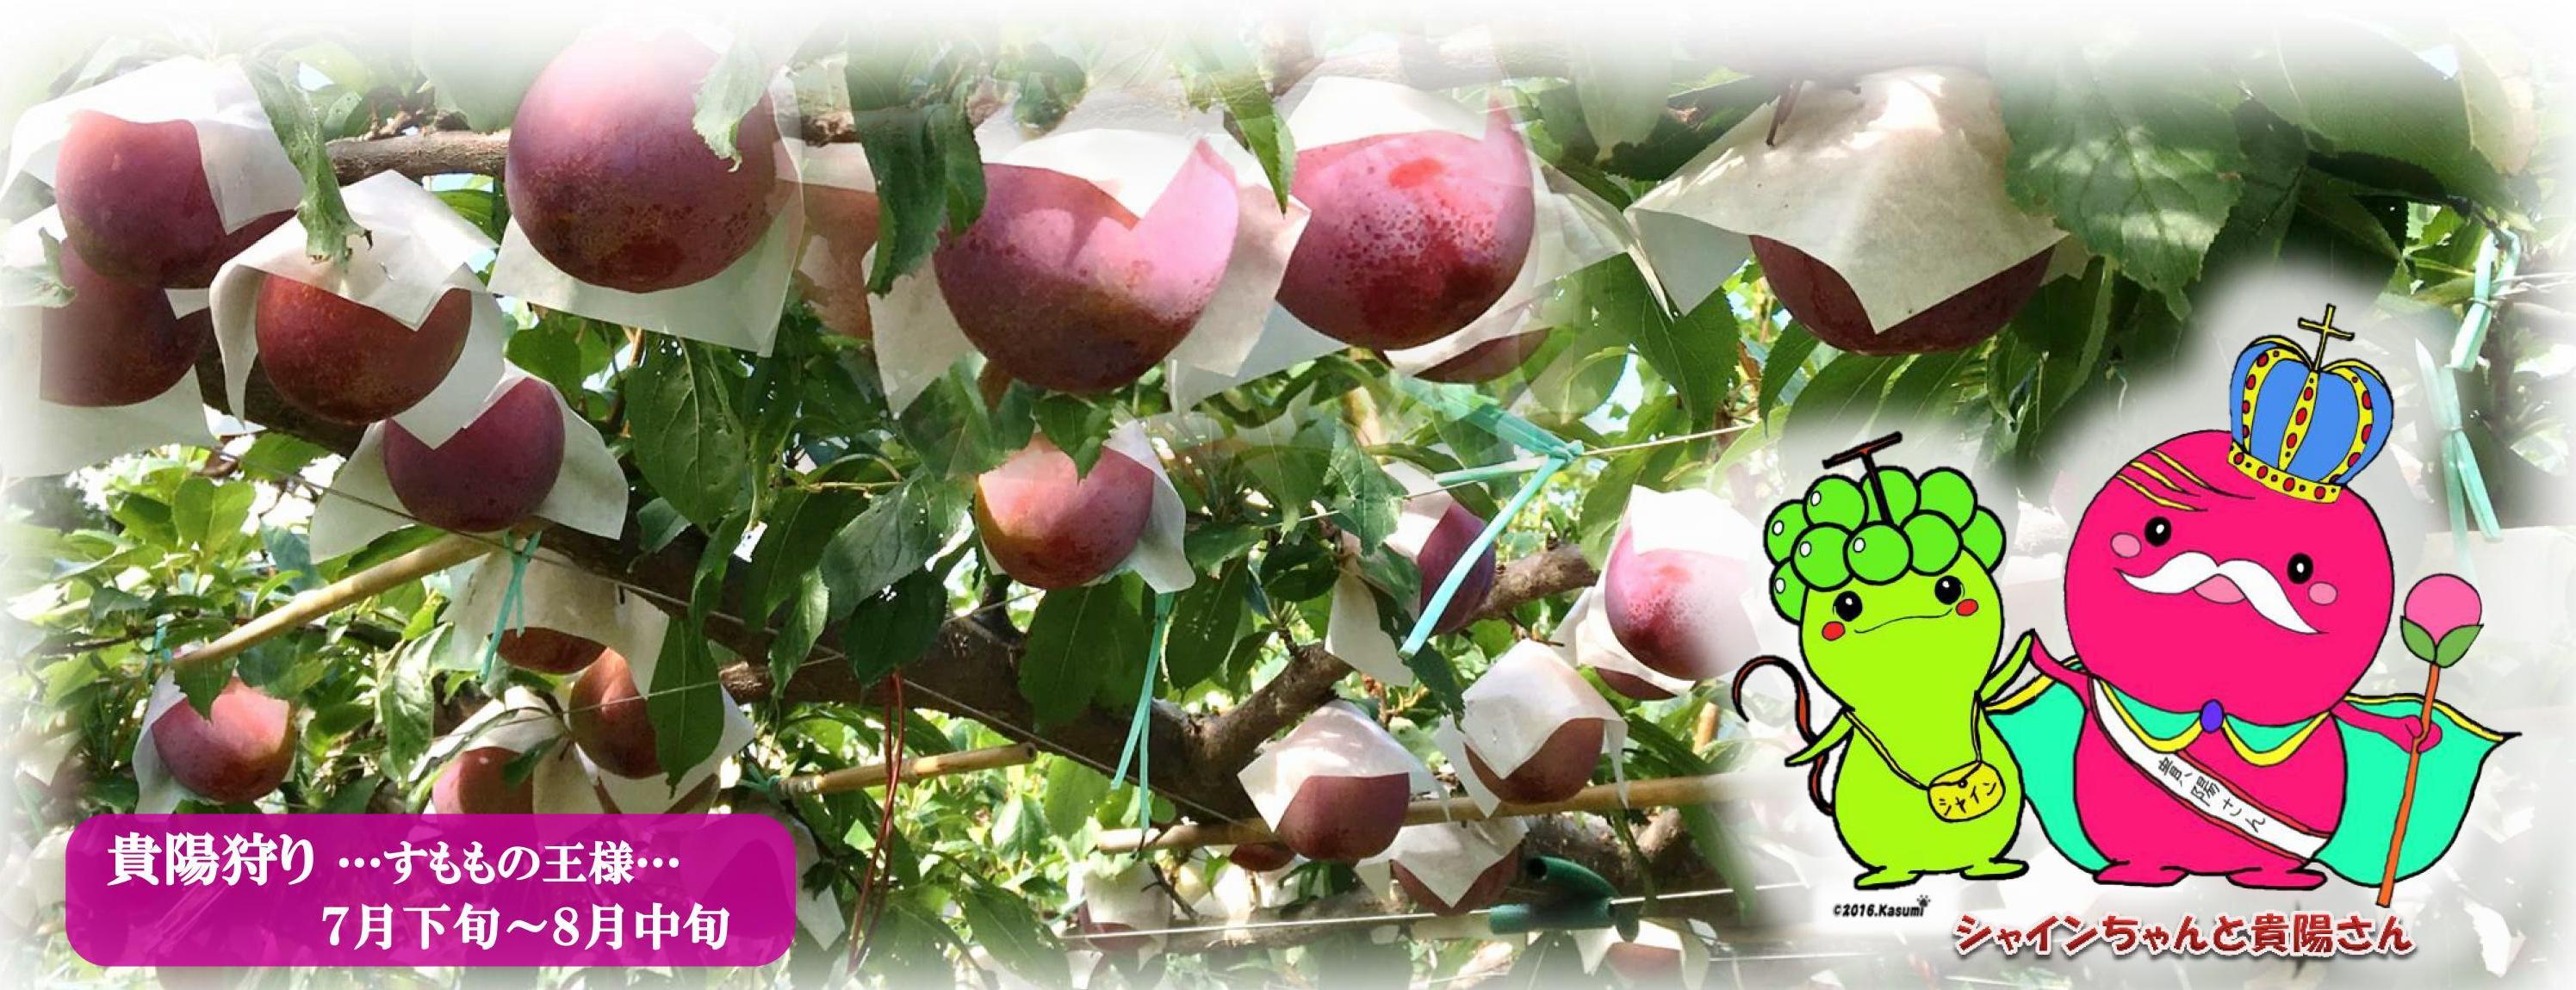 完熟フルーツこだわり探訪桃狩り